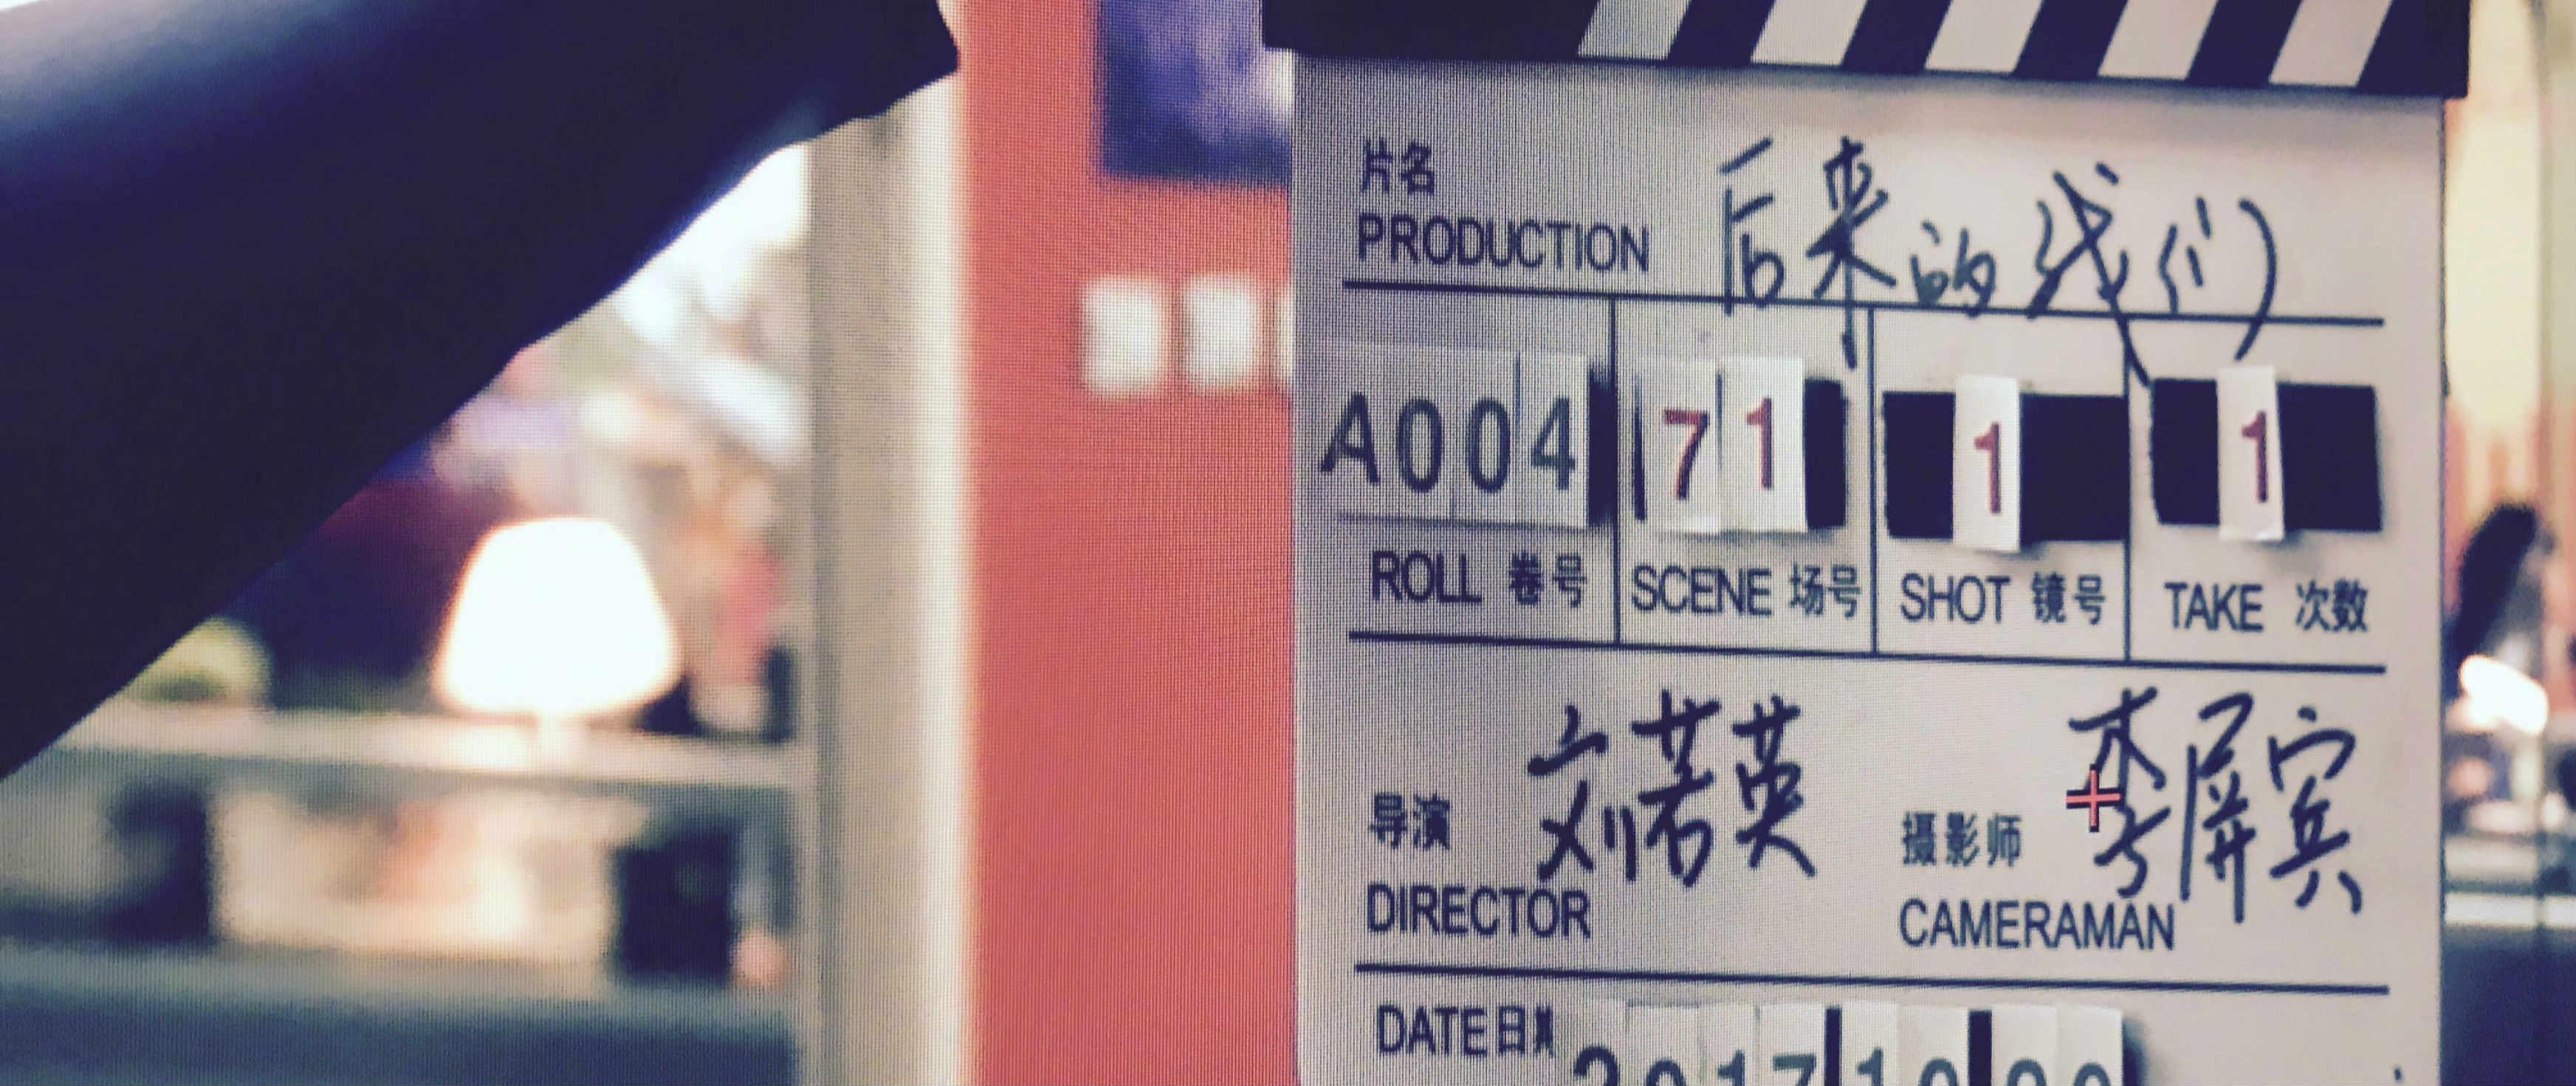 专访《后来的我们》后期制片人:如何把好电影的最后一道关?